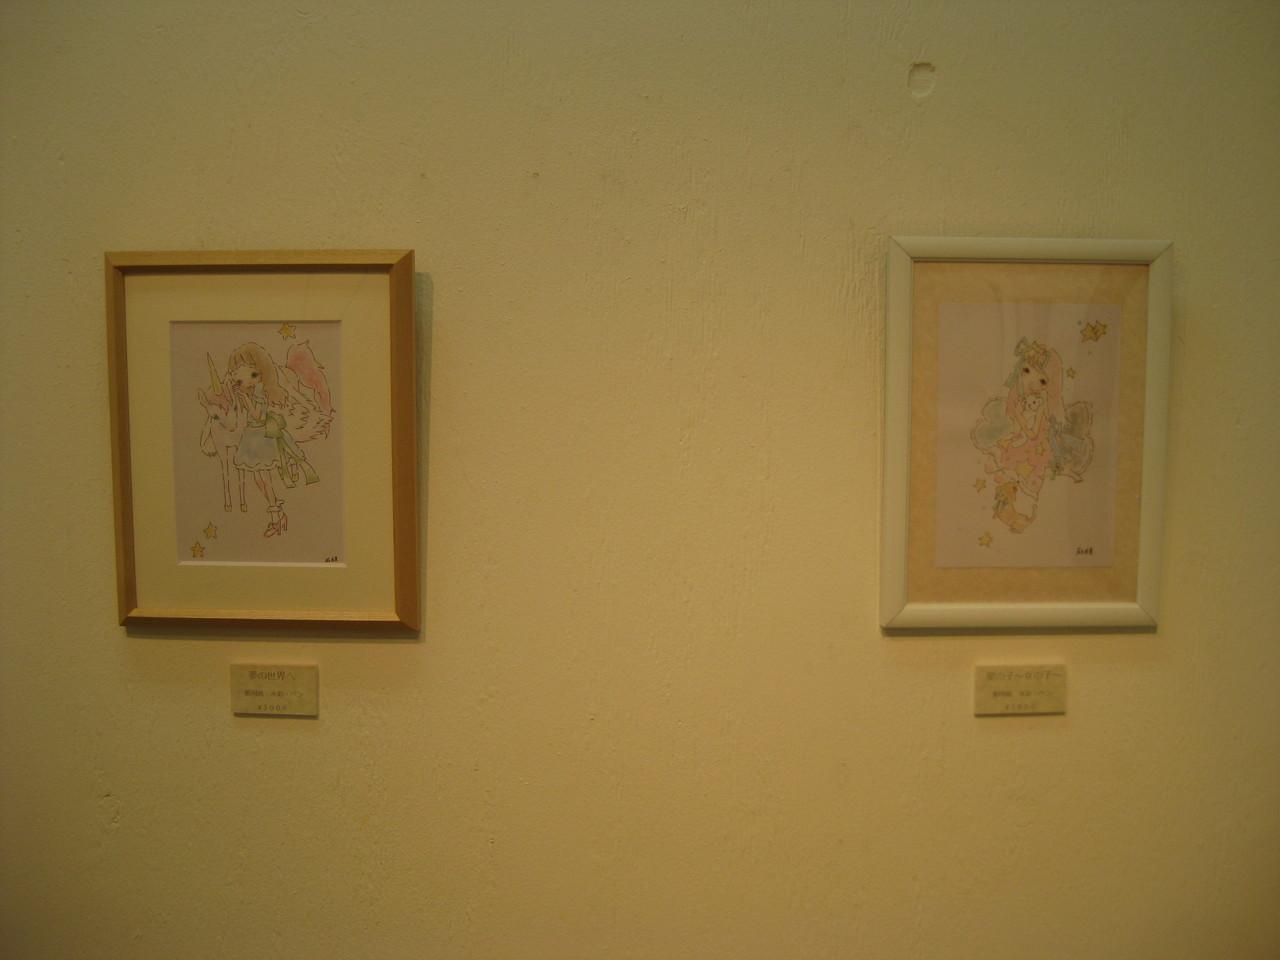 水彩・ペンの作品「夢の世界へ」「星の子~女の子~」